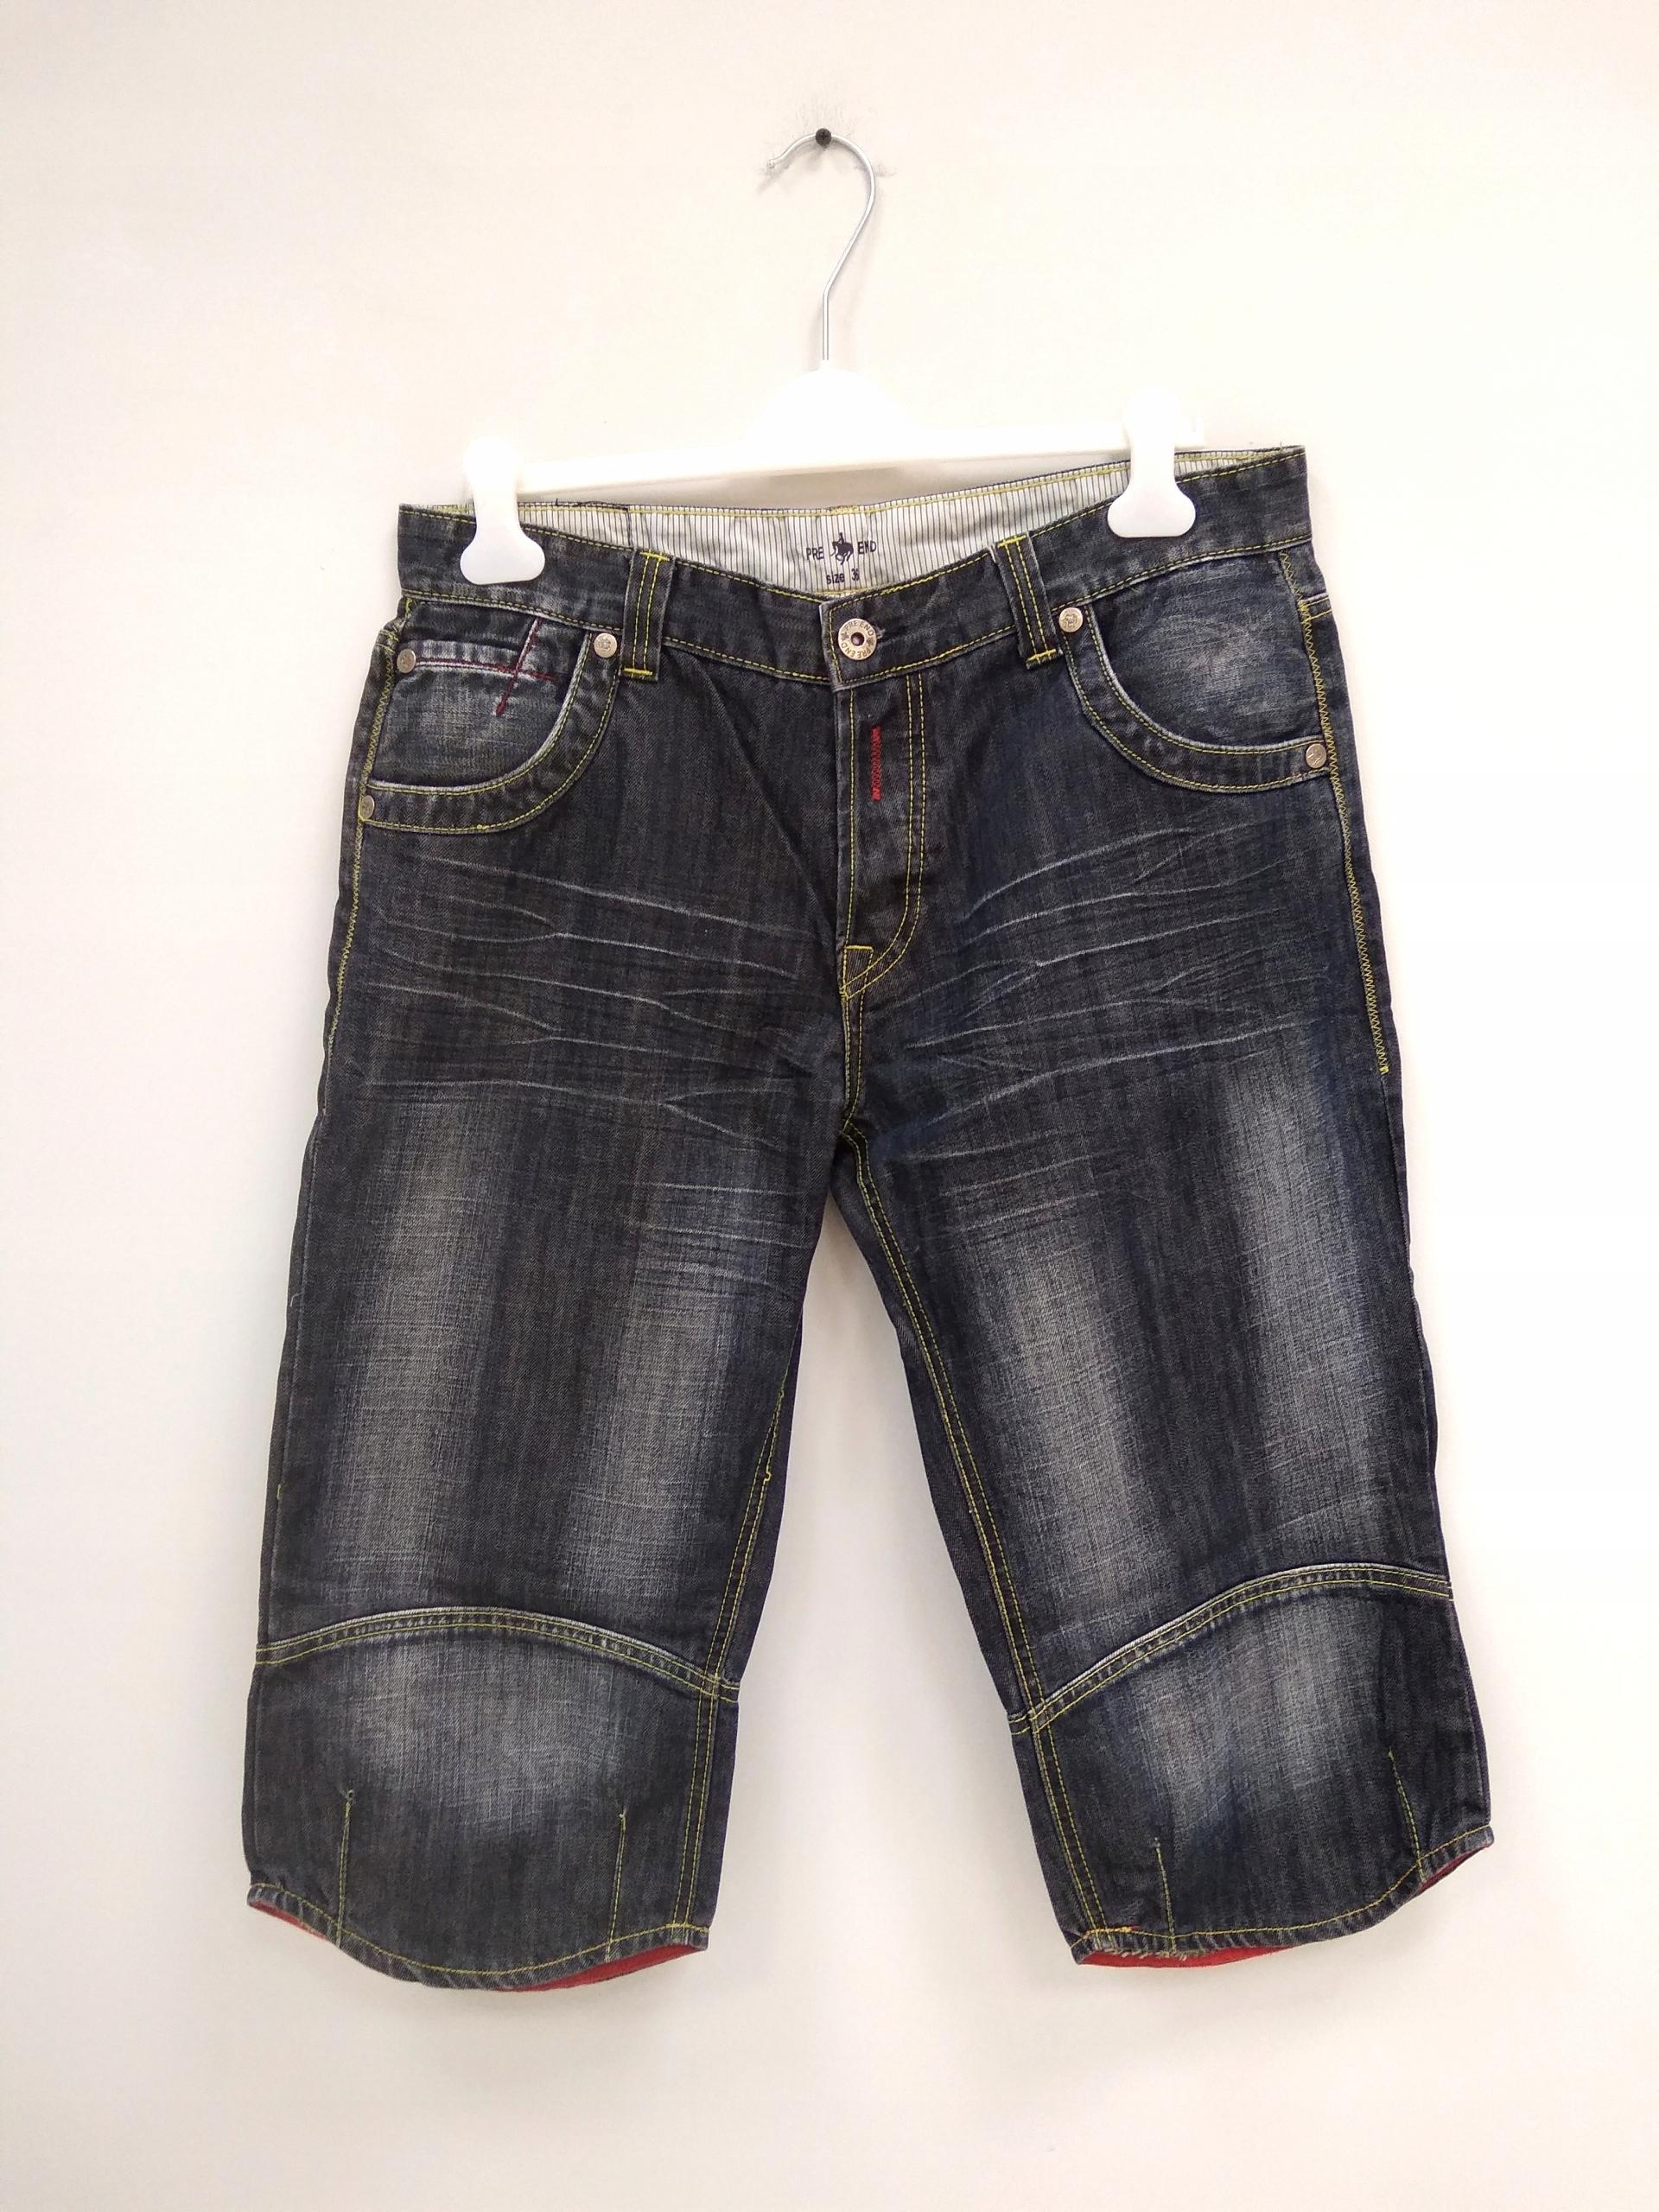 Spodnie 3/4 jeansy damskie r. 38 B10